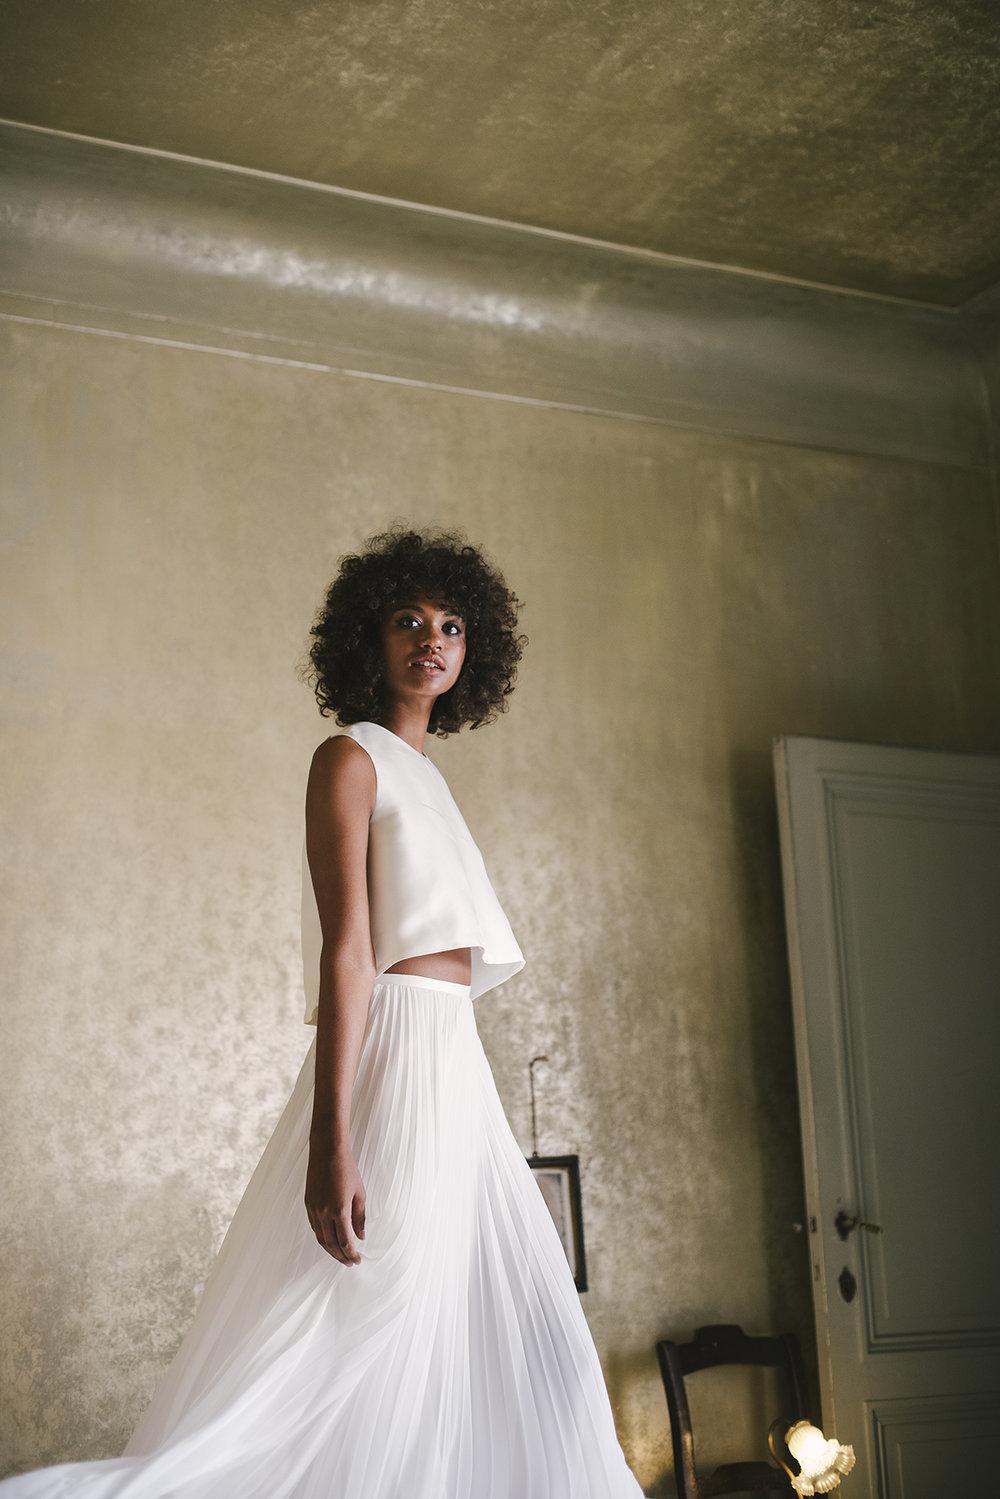 valentine-avoh-robe-mariee-ella-wedding-dress-bruxelles-photo-elodie-timmermans-50.jpg